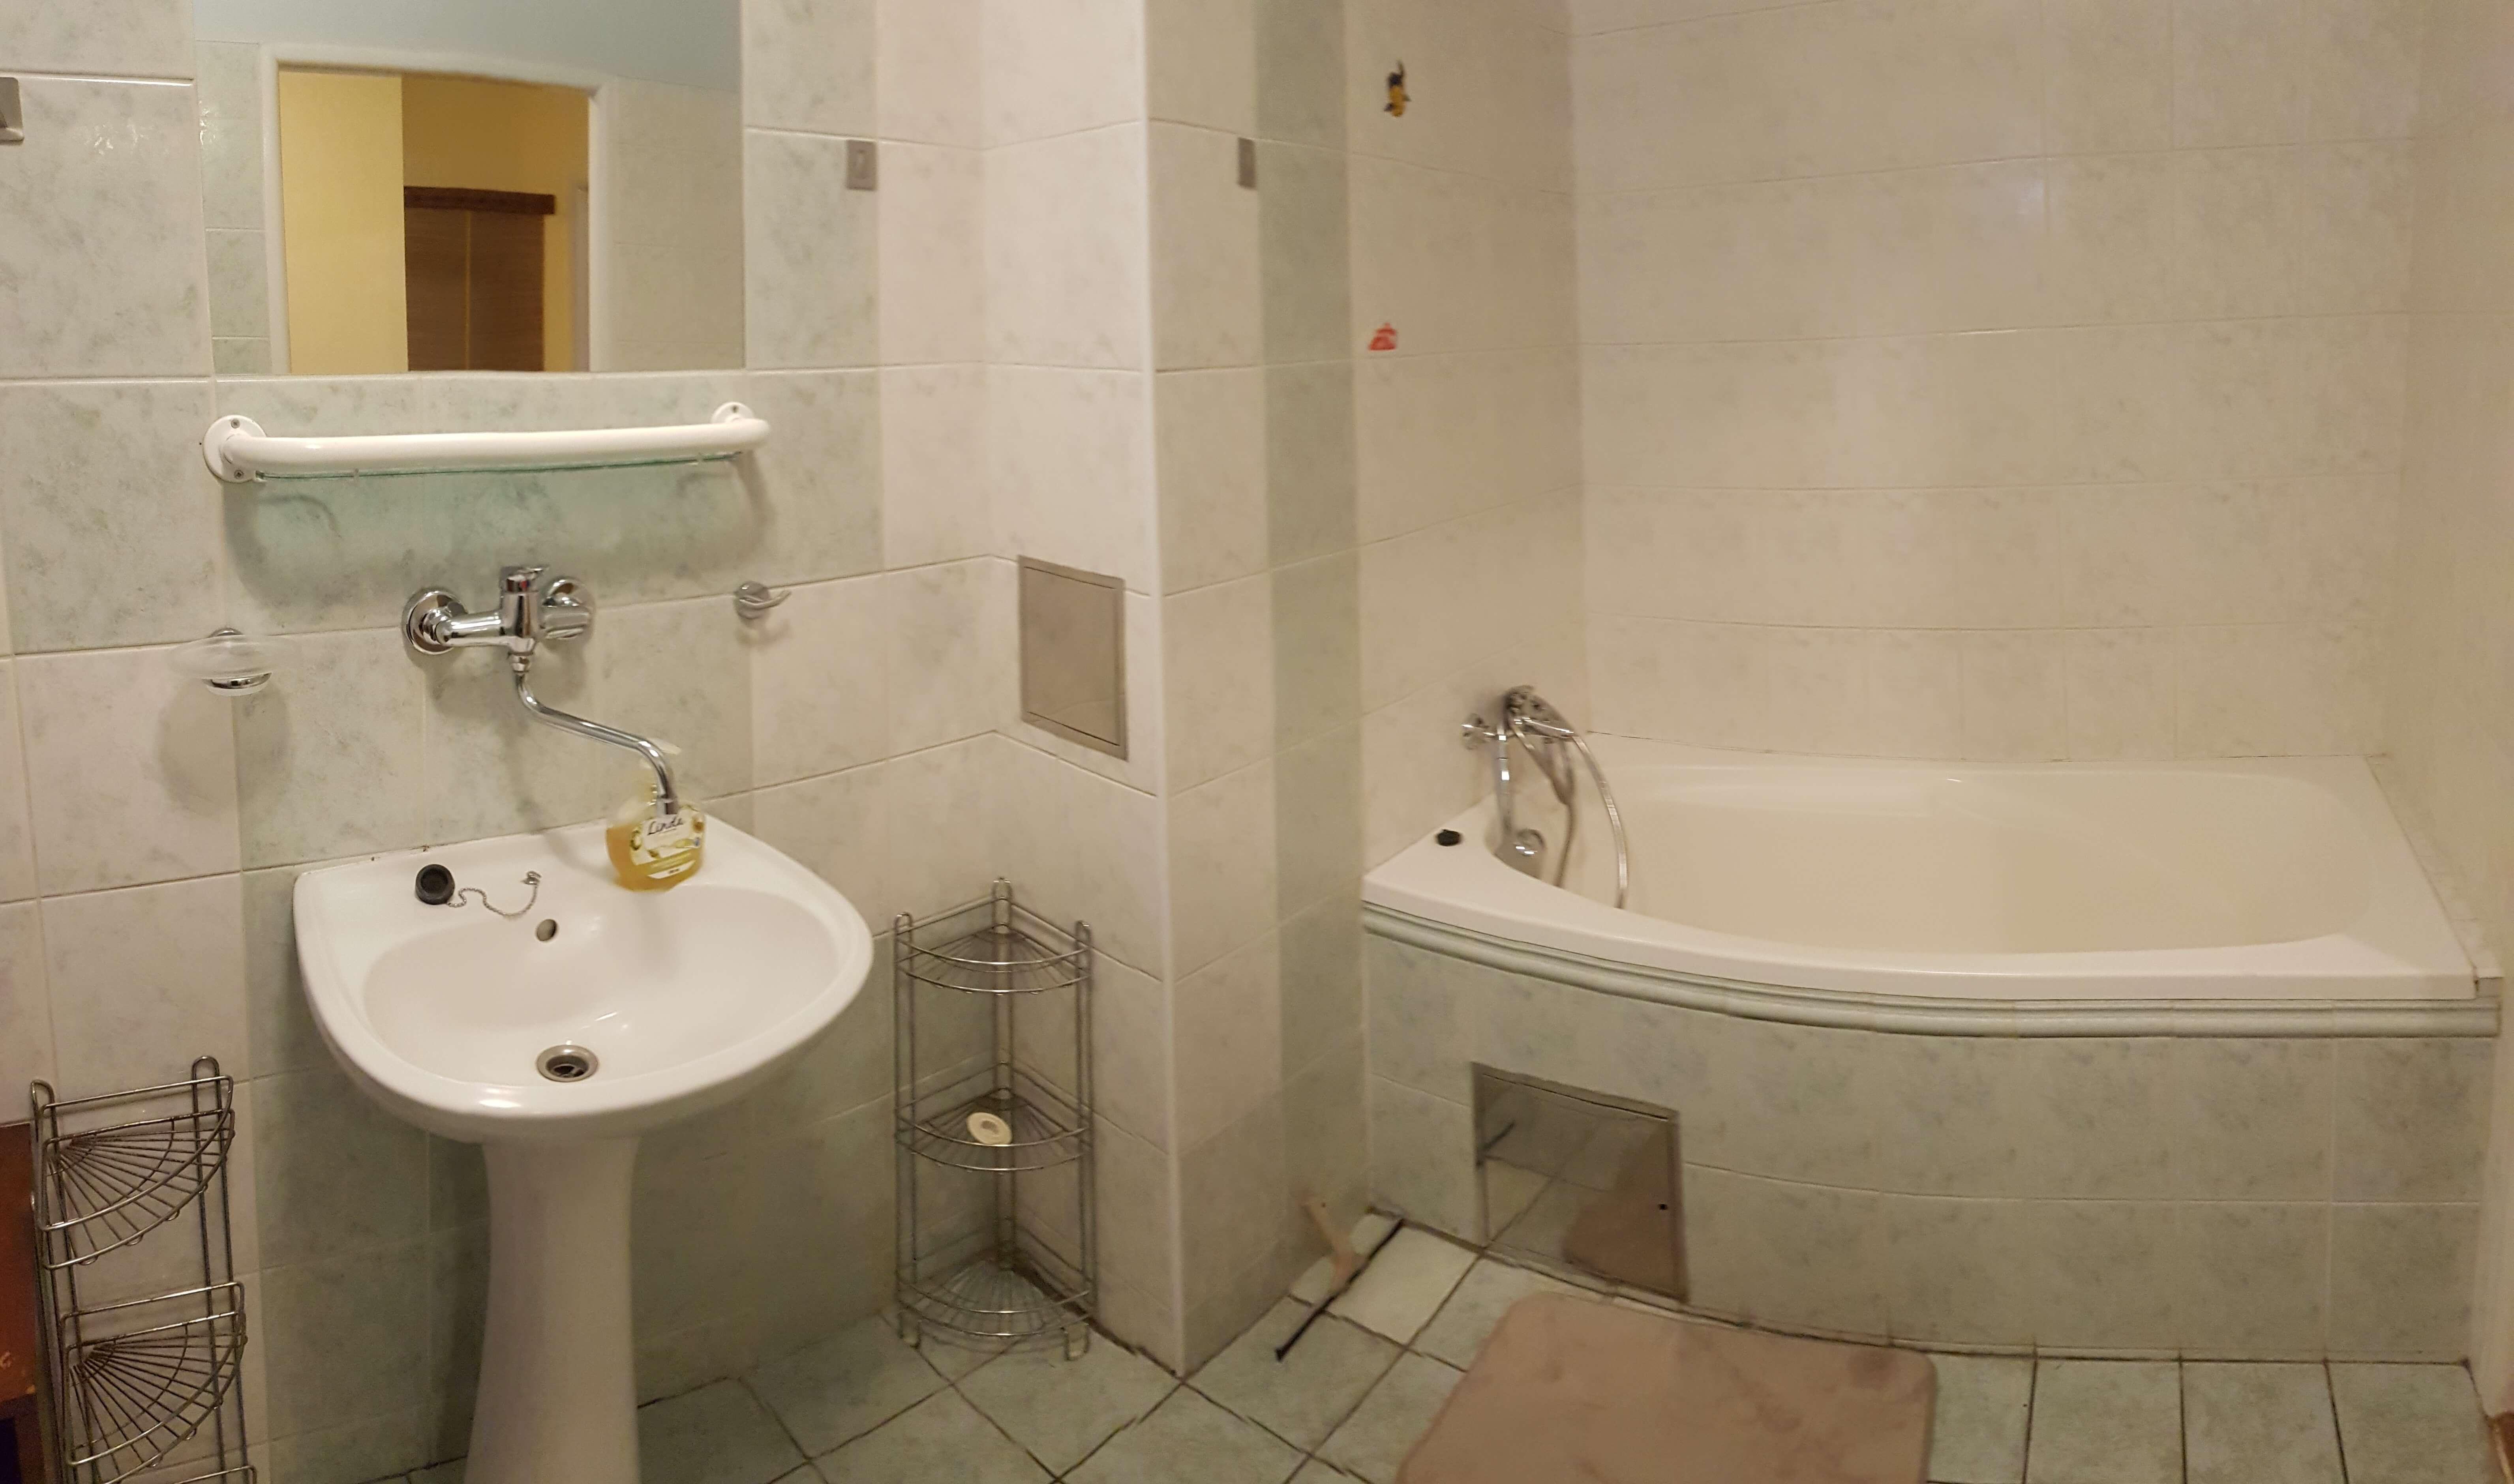 Prenájom jednej izby v 2 izb. byte, staré mesto, Šancová ulica, Bratislava, 80m2, zariadený-23